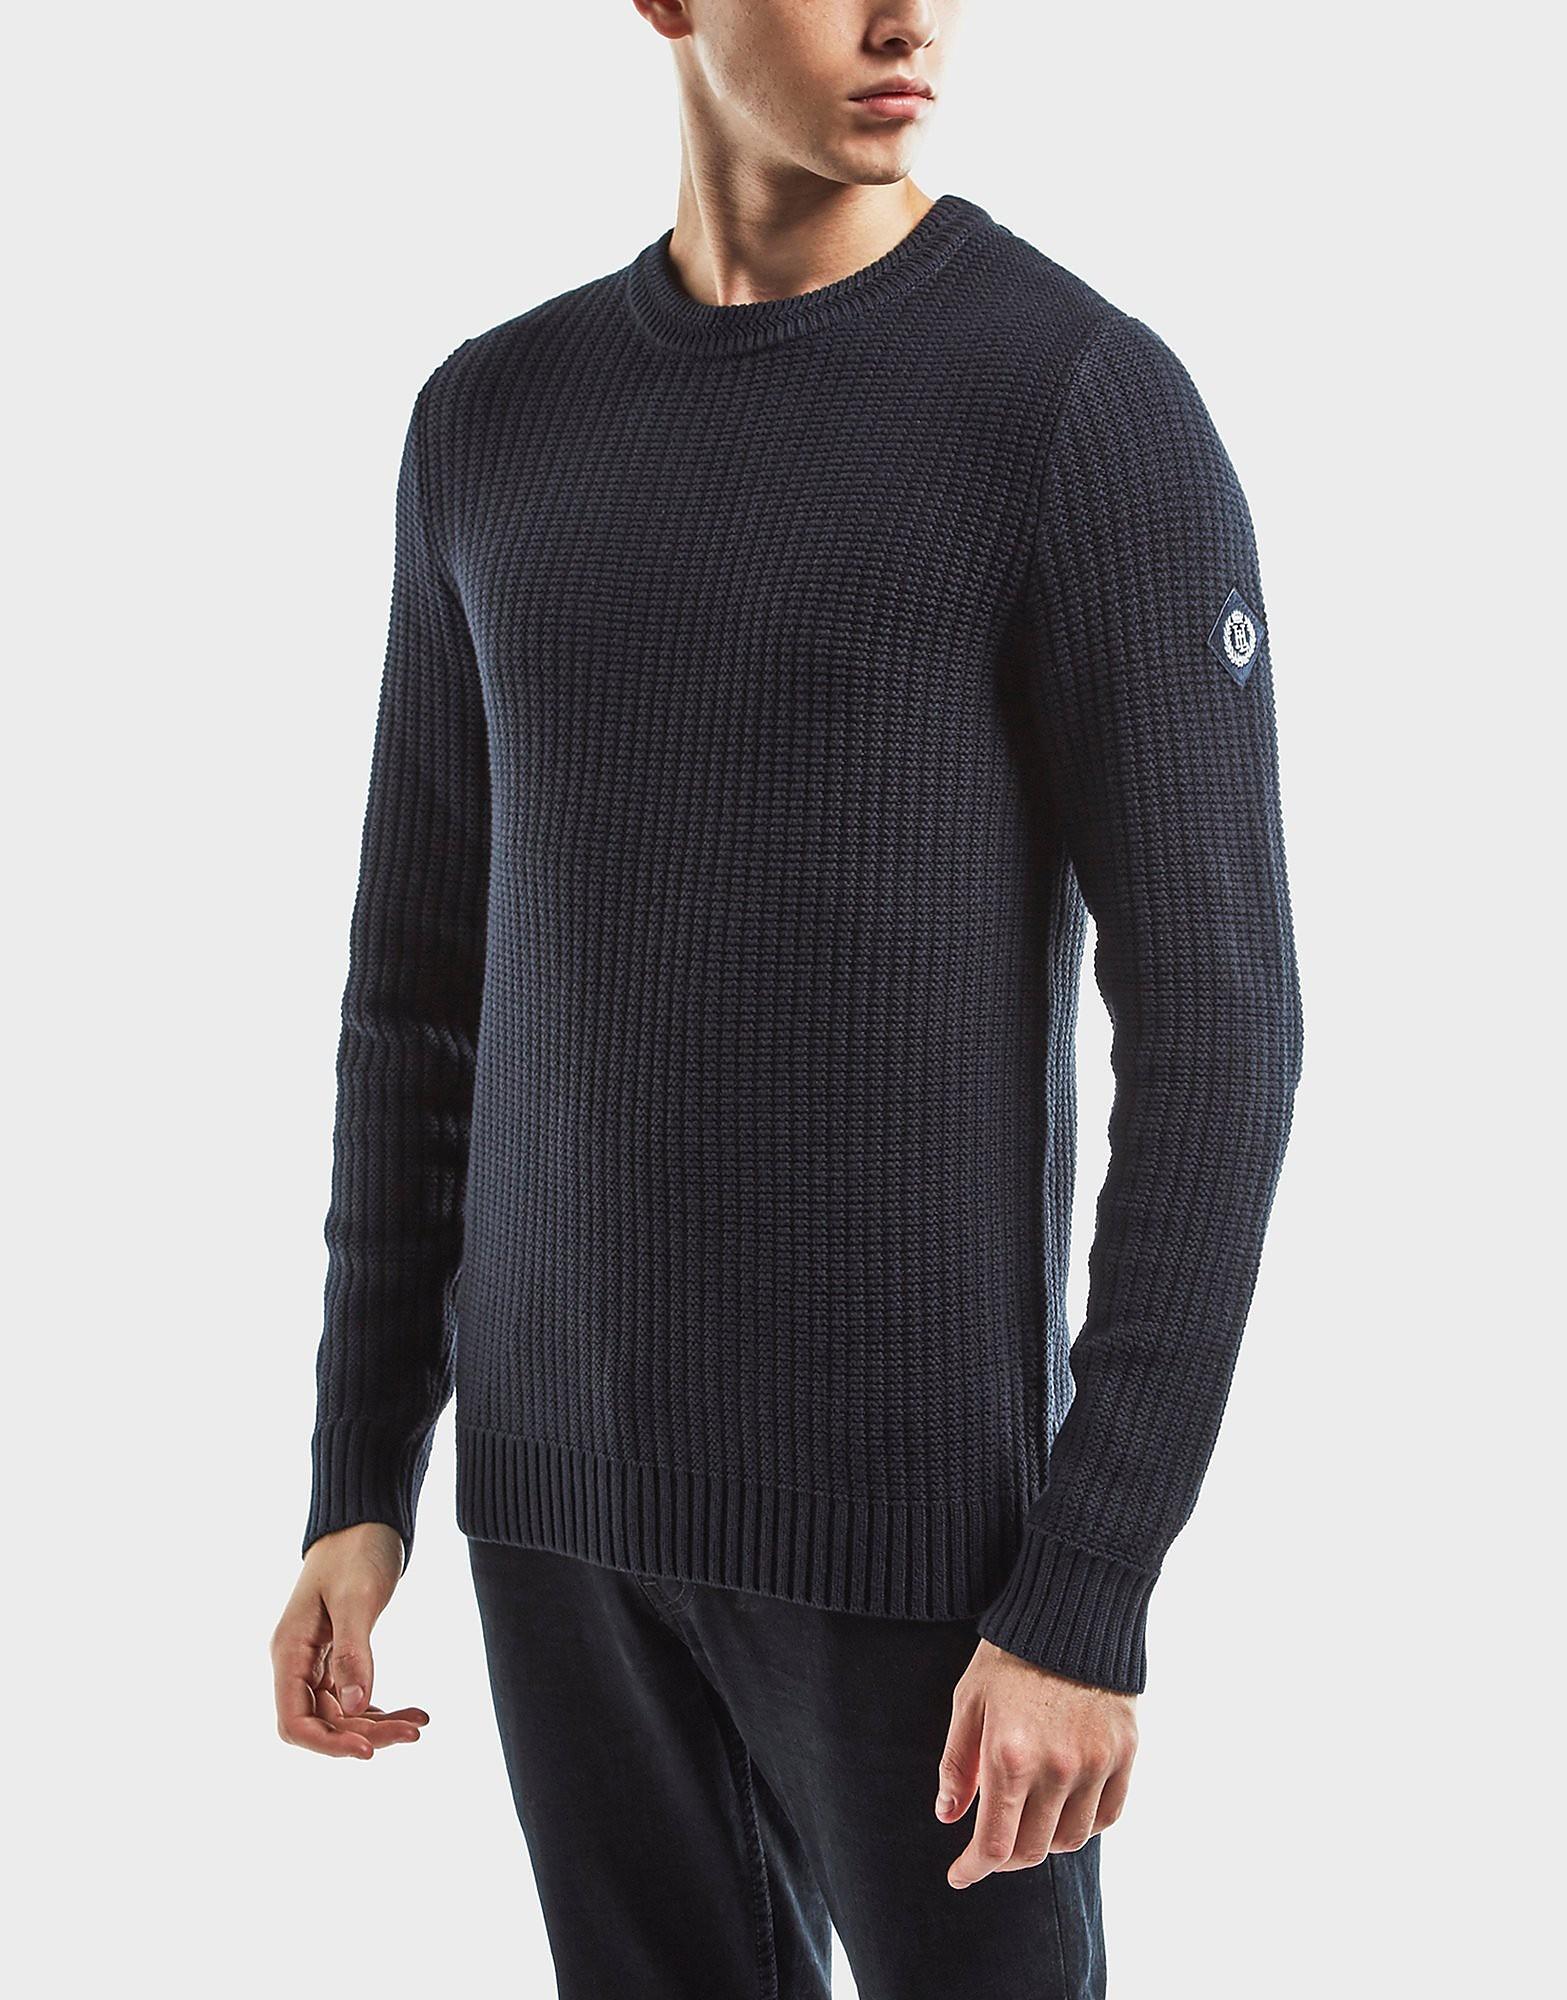 Henri Lloyd Felsted Chunky Sweatshirt